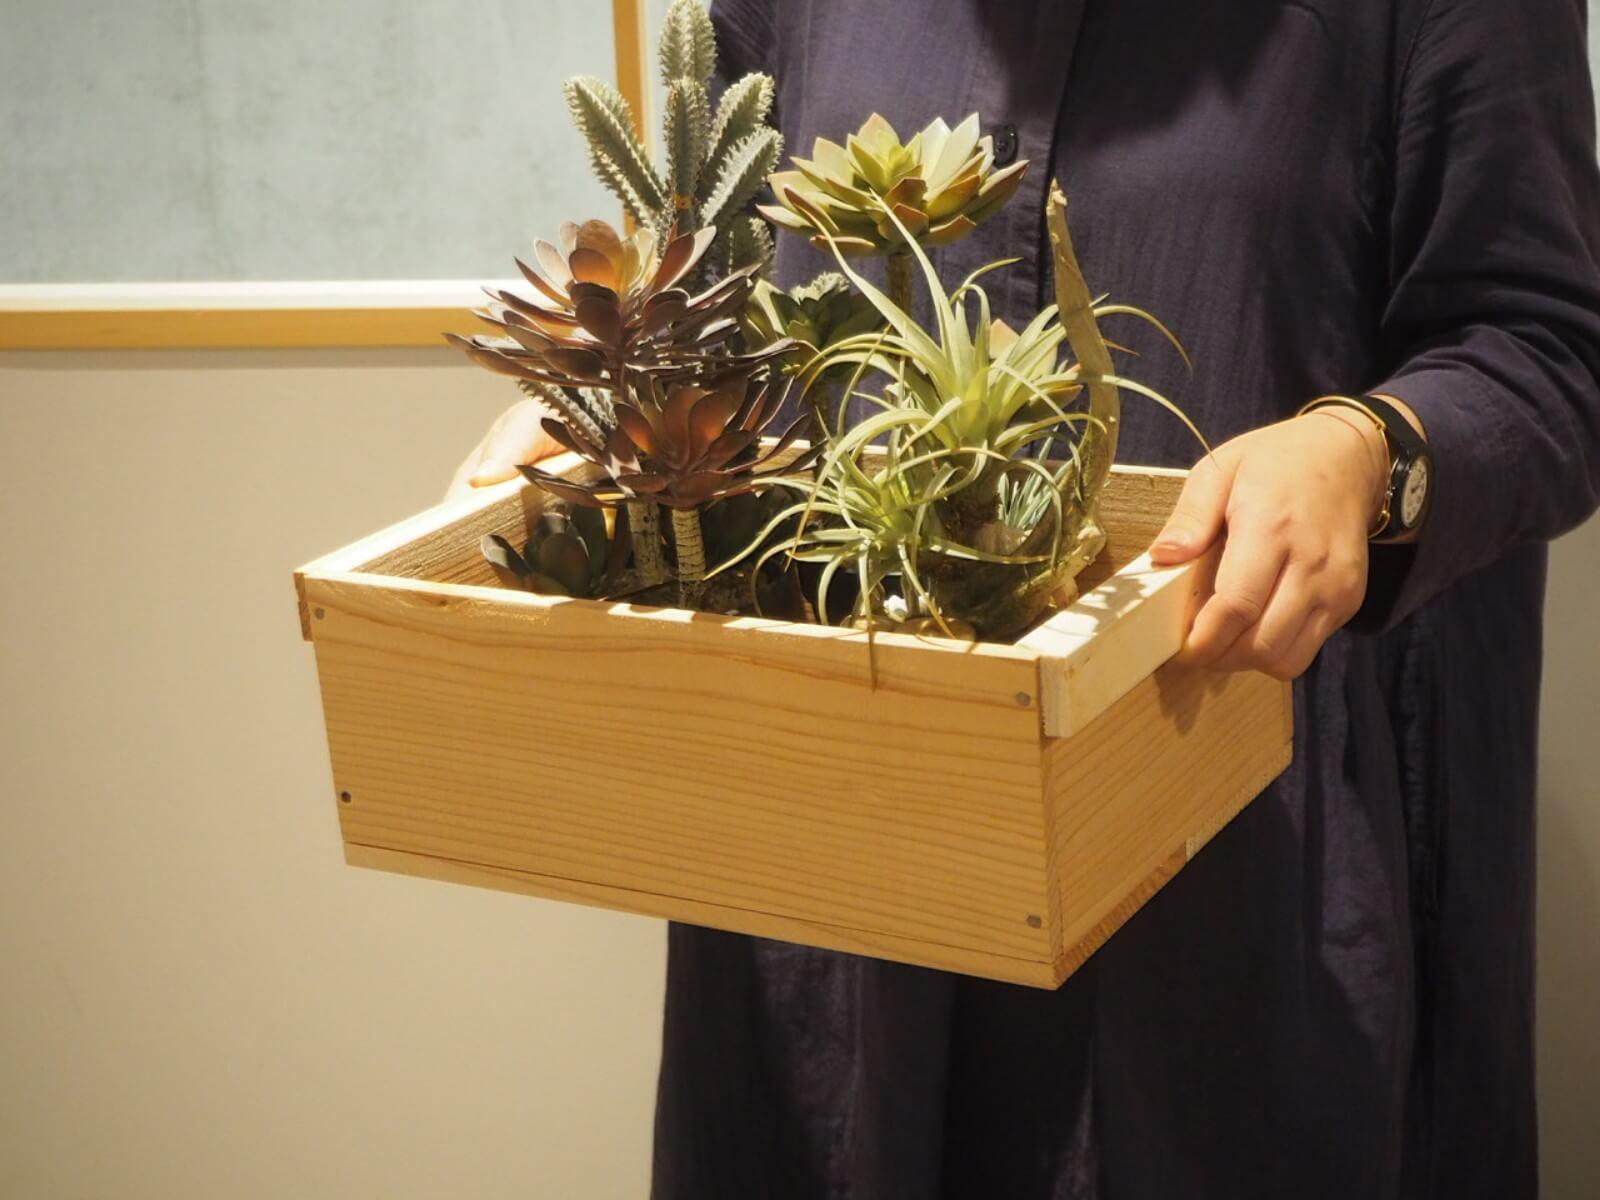 木箱と合わせるとよりナチュラルに。木箱の詳細はこちら。